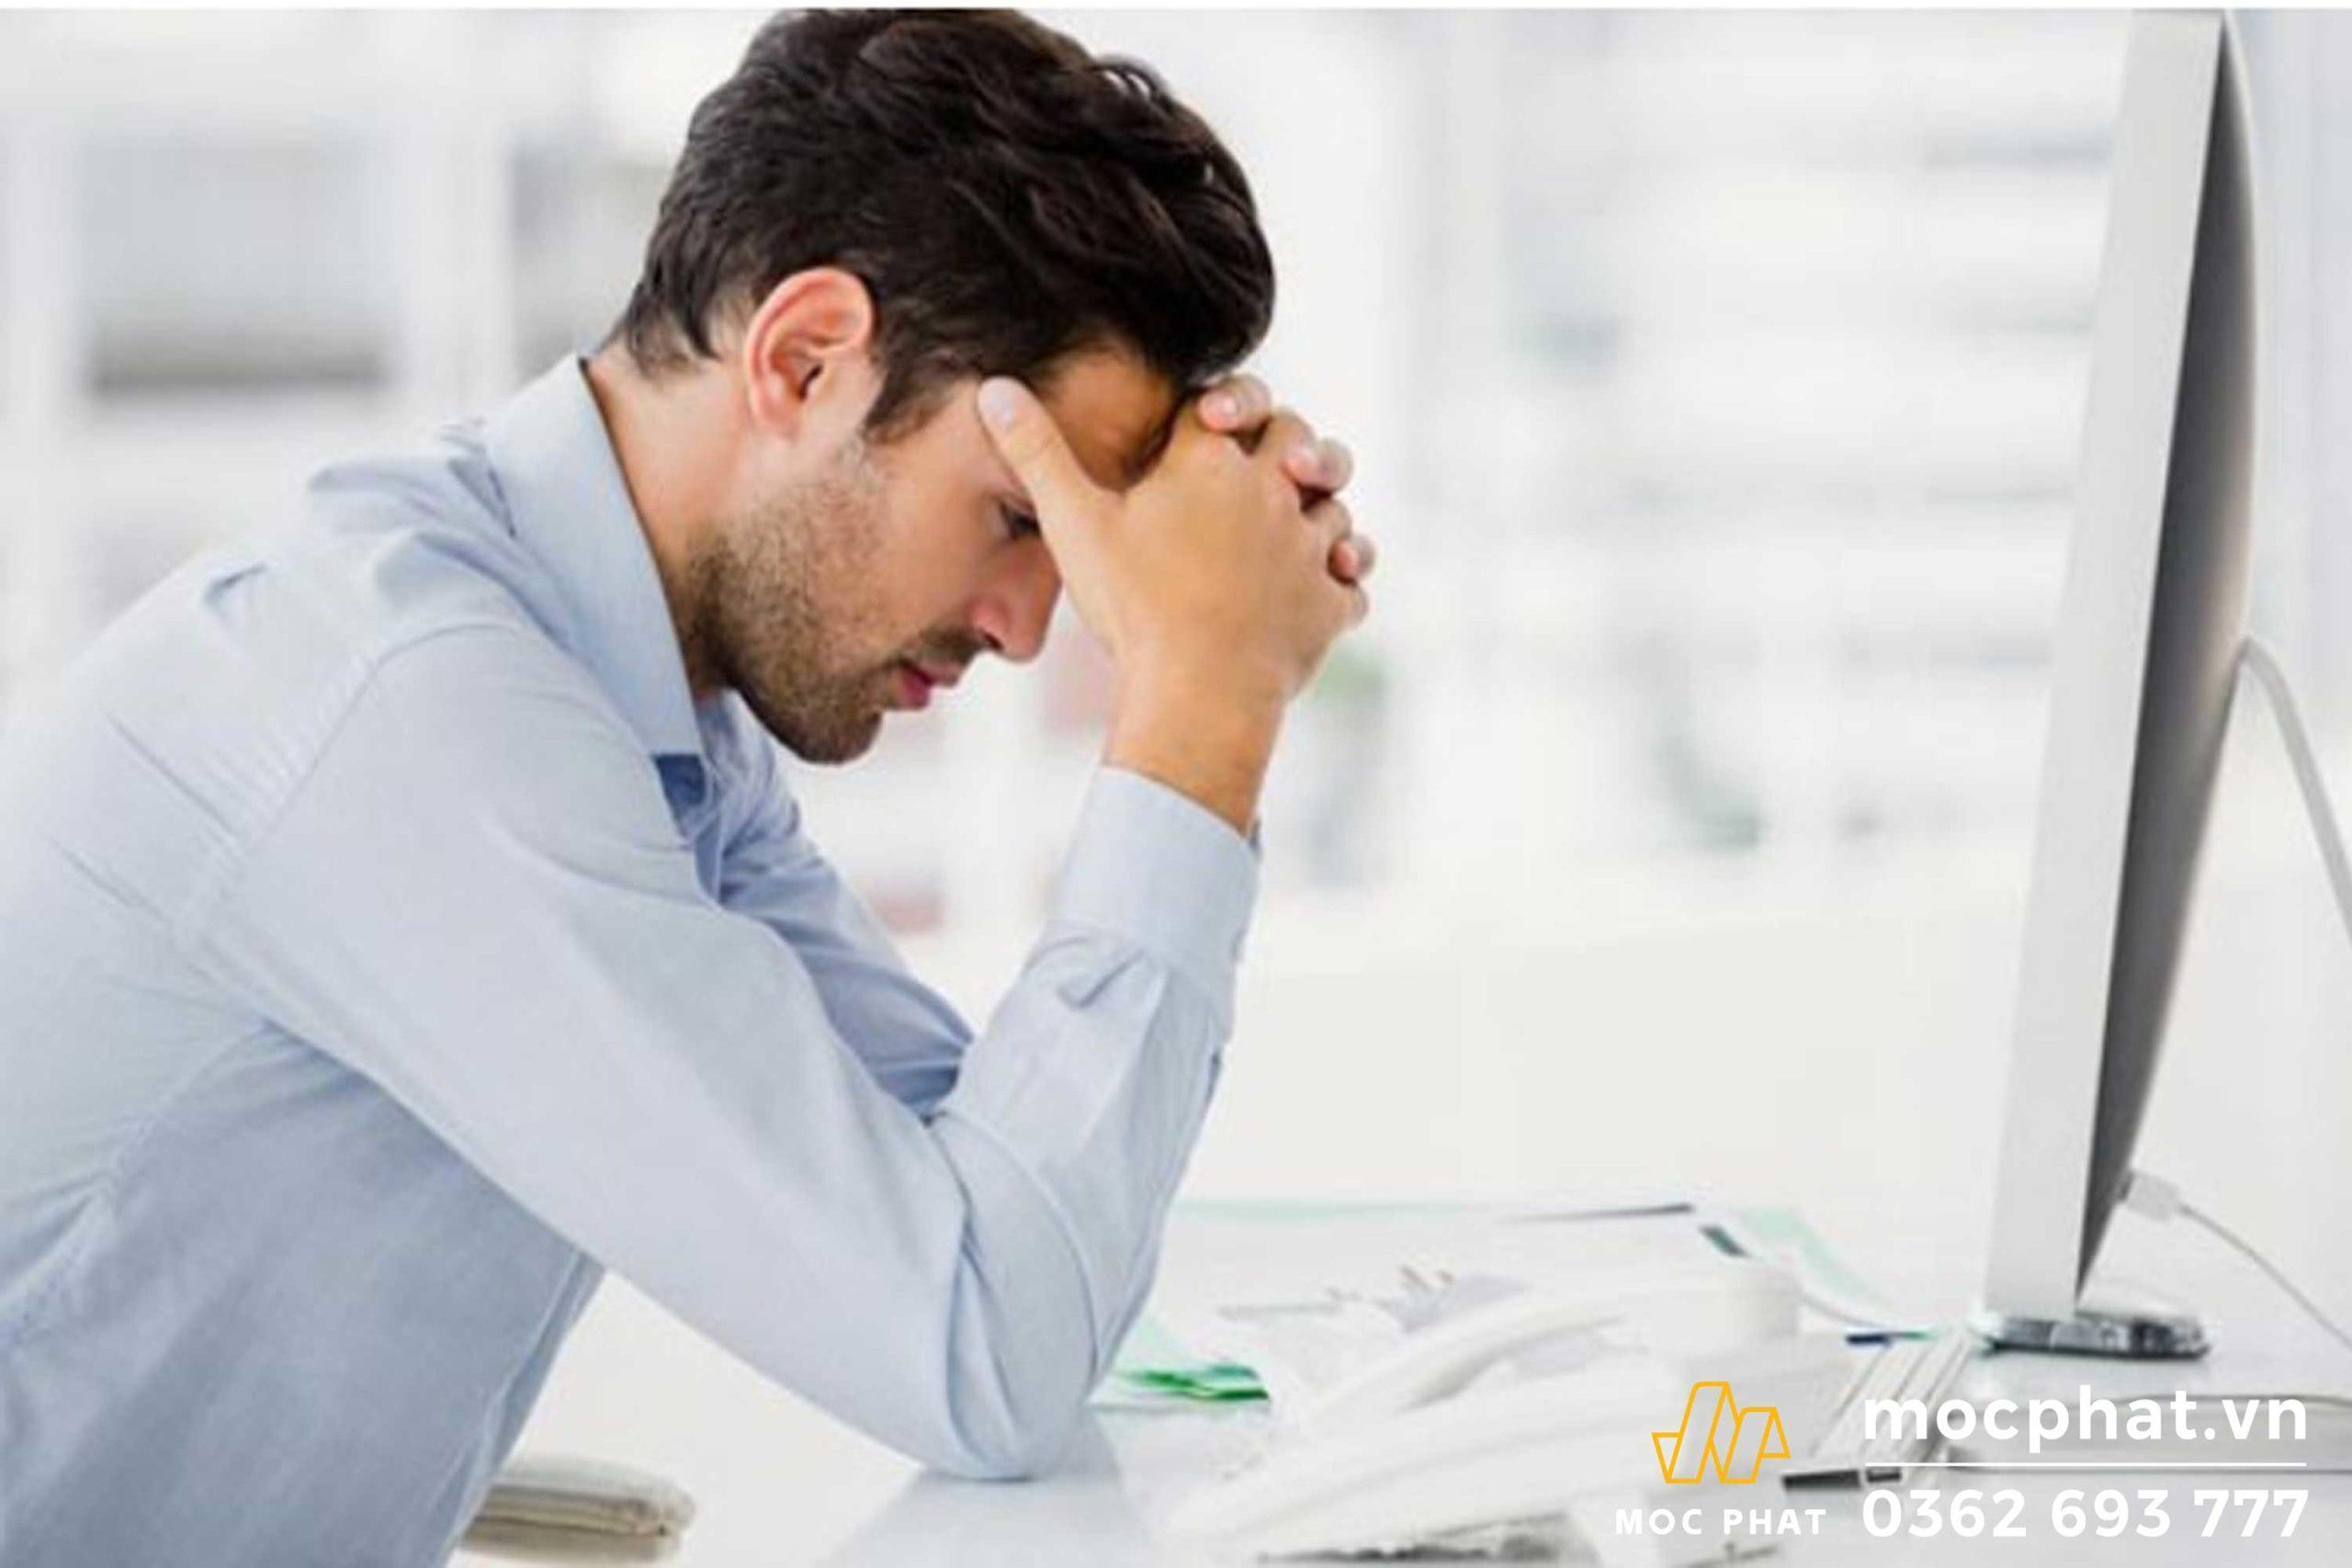 Sức khỏe của con người bị ảnh hưởng nghiêm trọng khi nhiễm Vocs